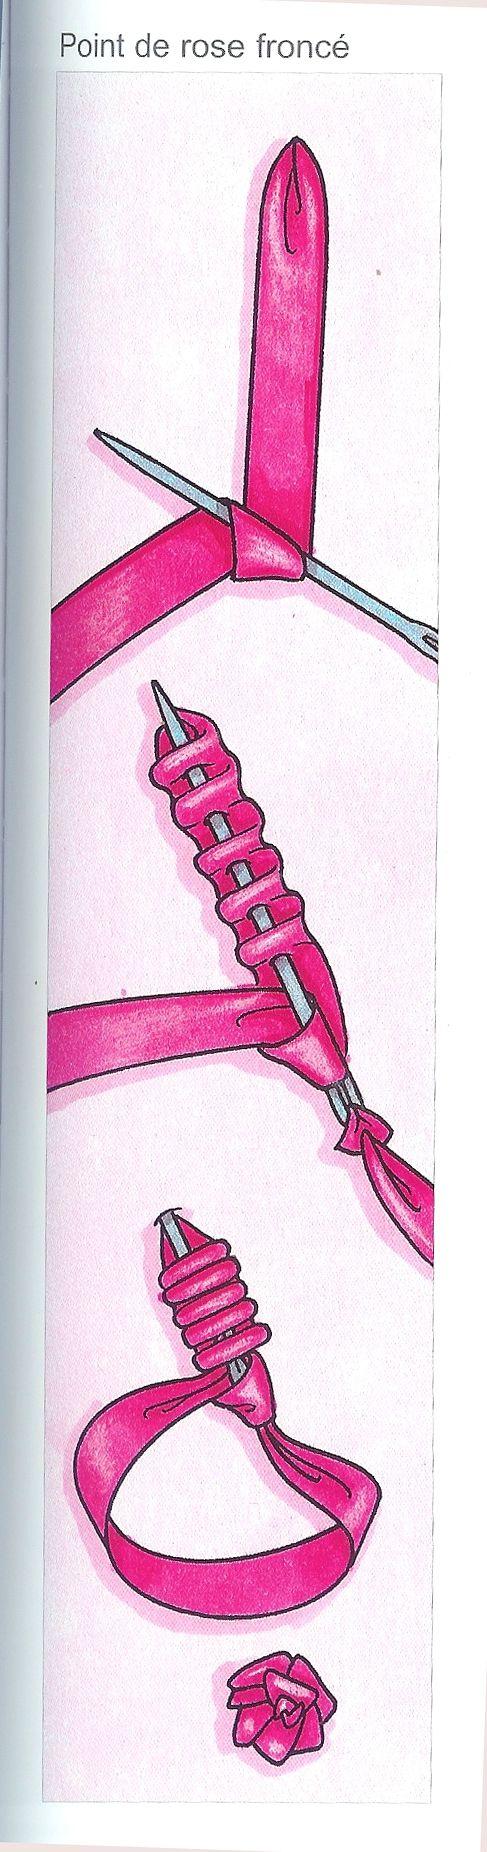 DIY Point de Rose Accordeon - Tutorial ❥ 4U hilariafina http://www.pinterest.com/hilariafina/